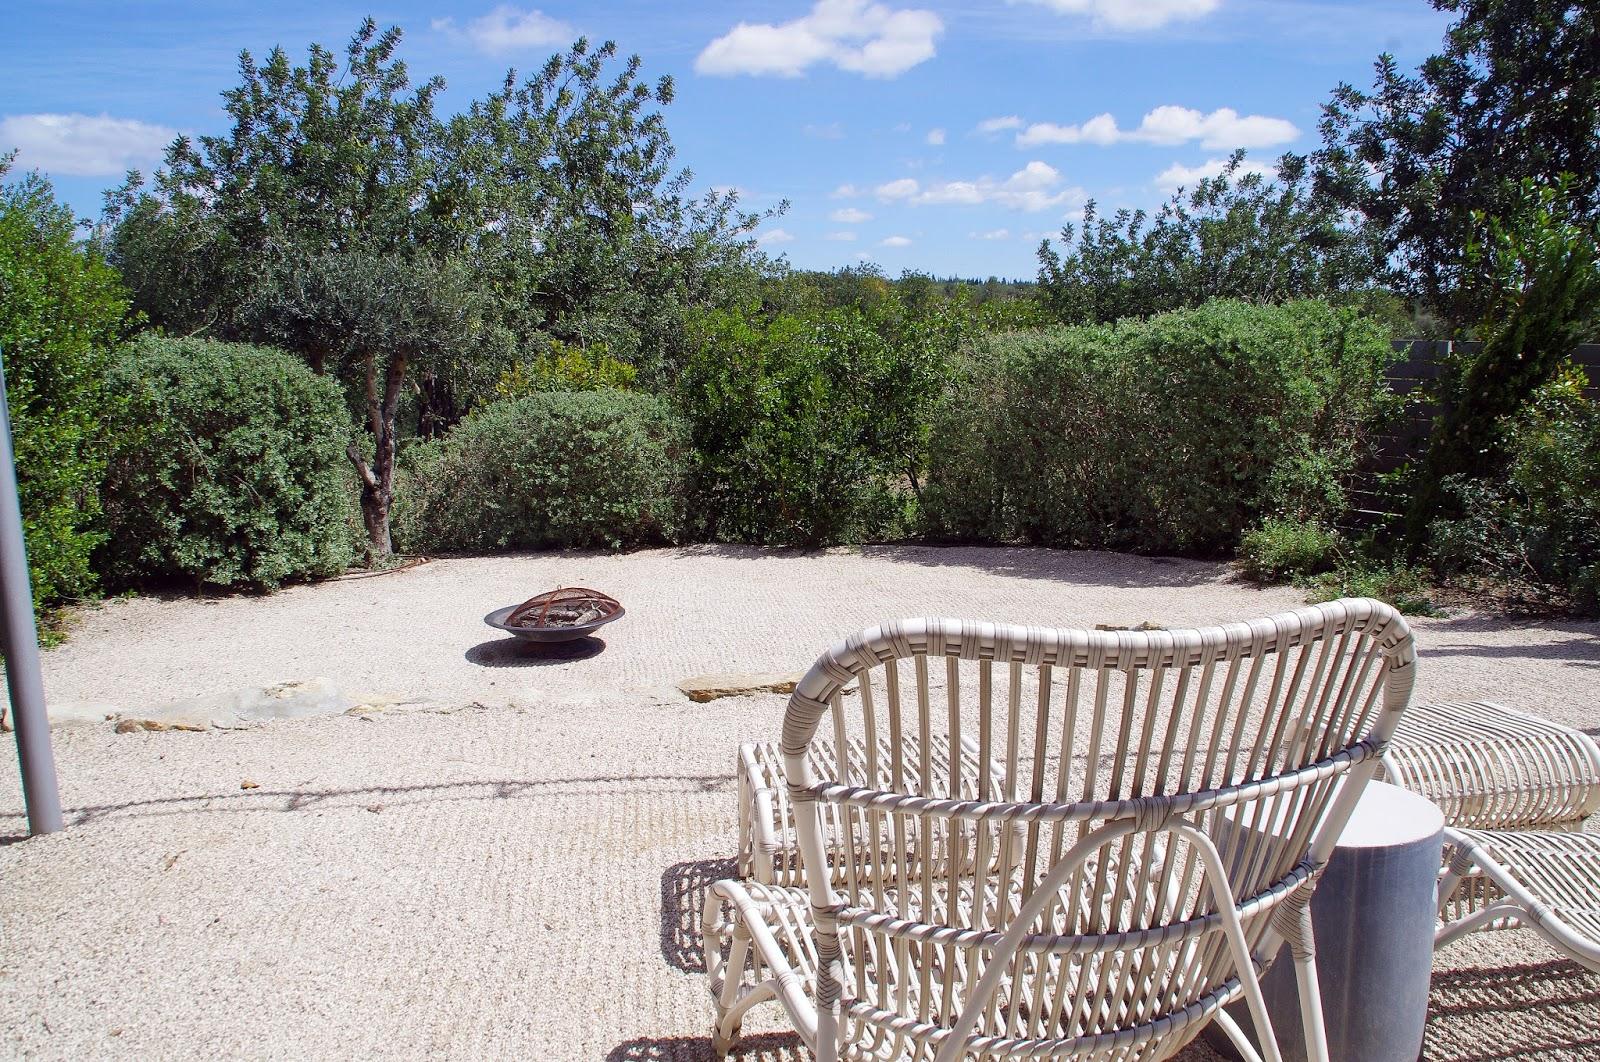 Fazenda Nova Country House Garden Suite with private garden